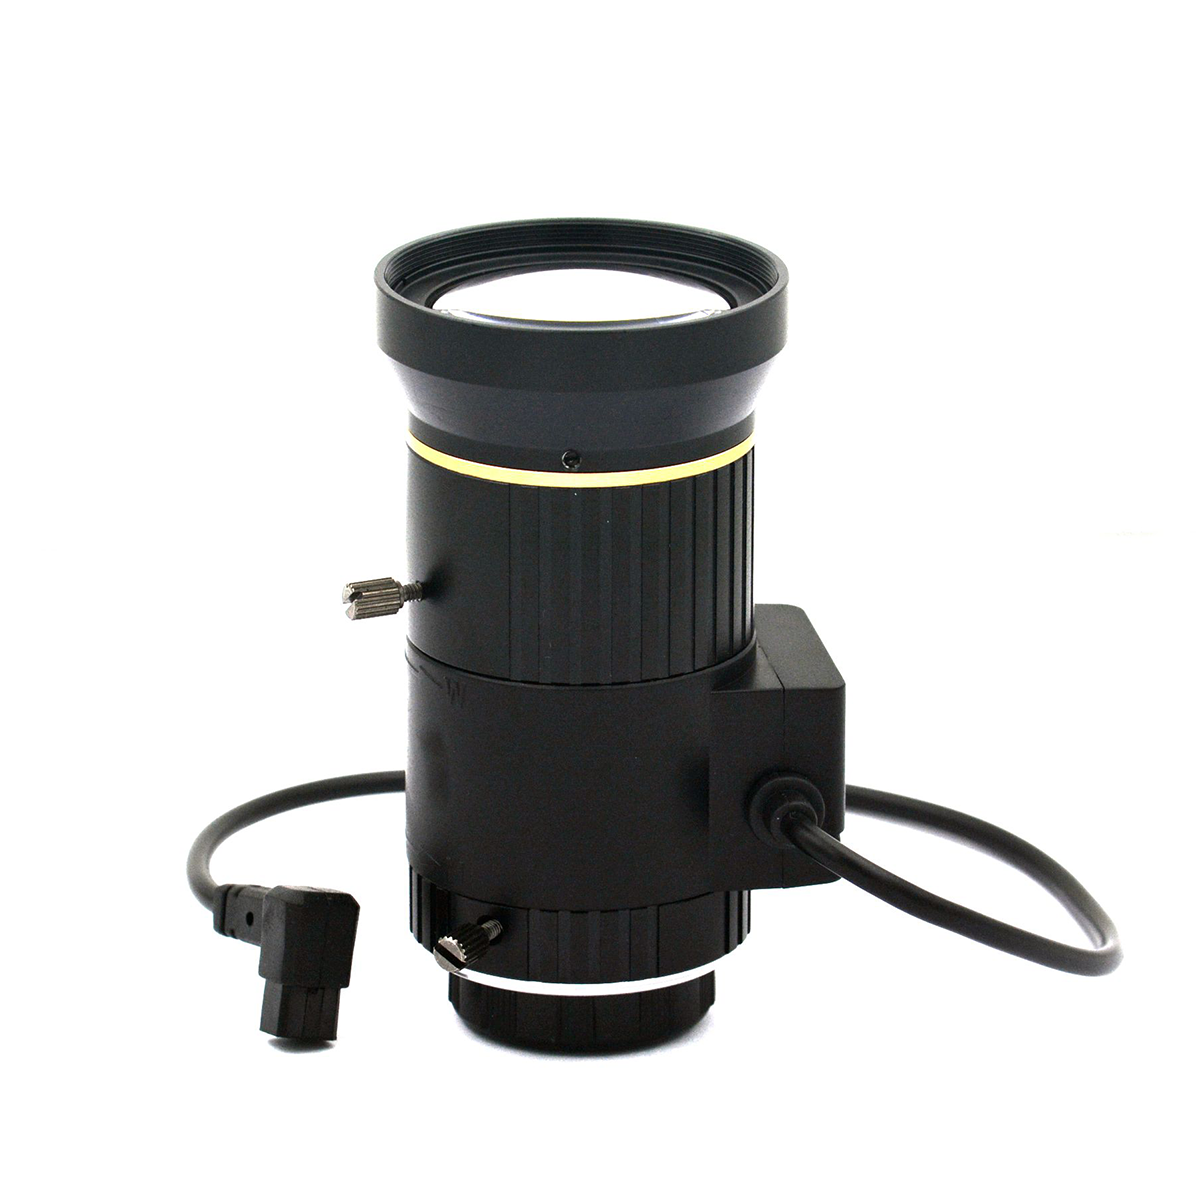 CA926AV手动变焦镜头